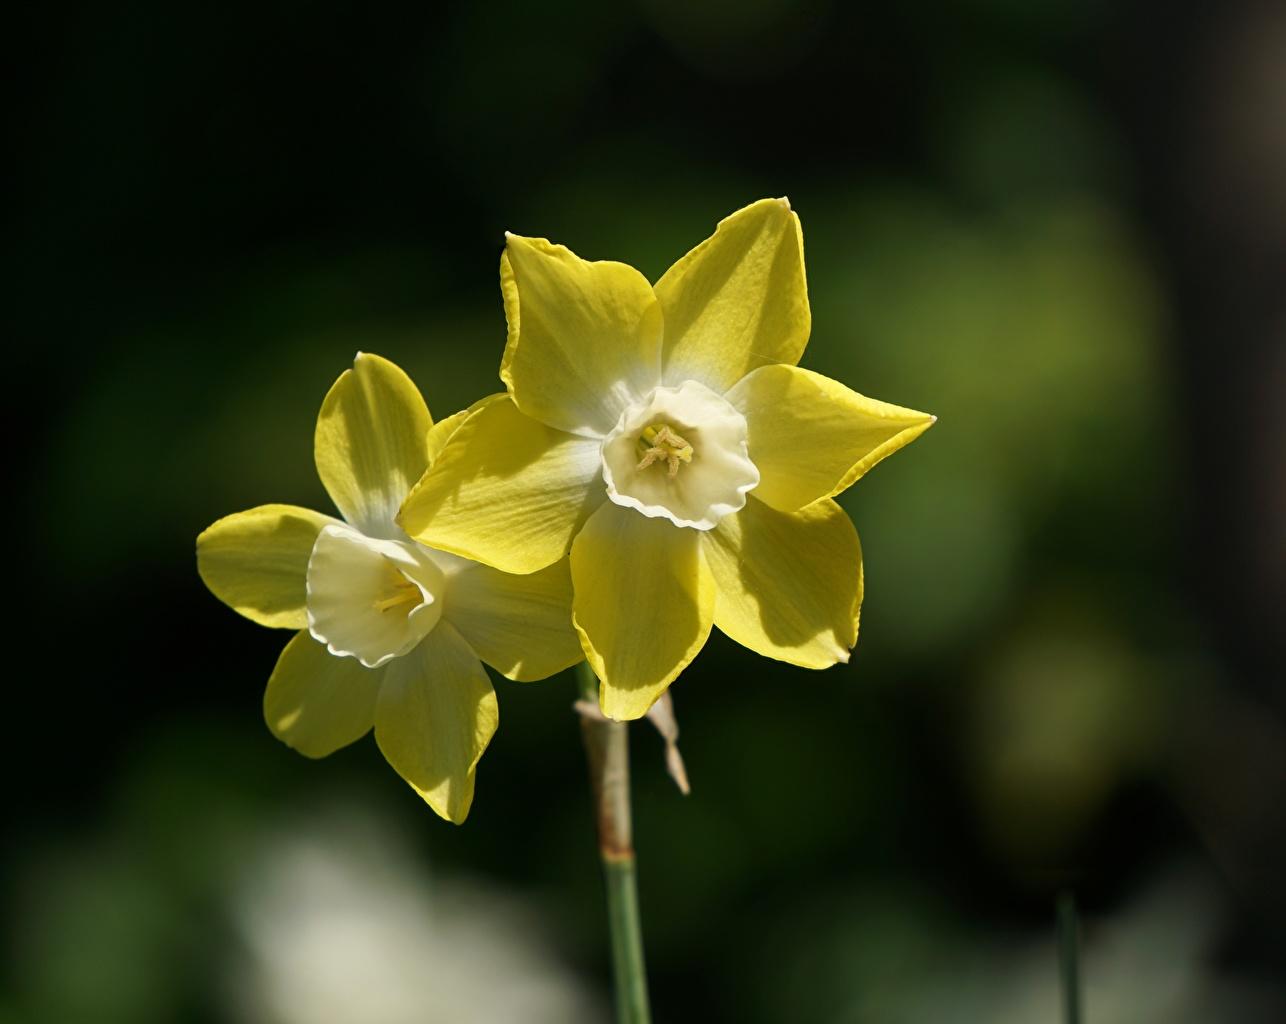 Tapeta na pulpit Bokeh Dwa 2 Żółty kwiat narcyz rozmazane tło dwie dwoje dwóch Kwiaty Żonkile